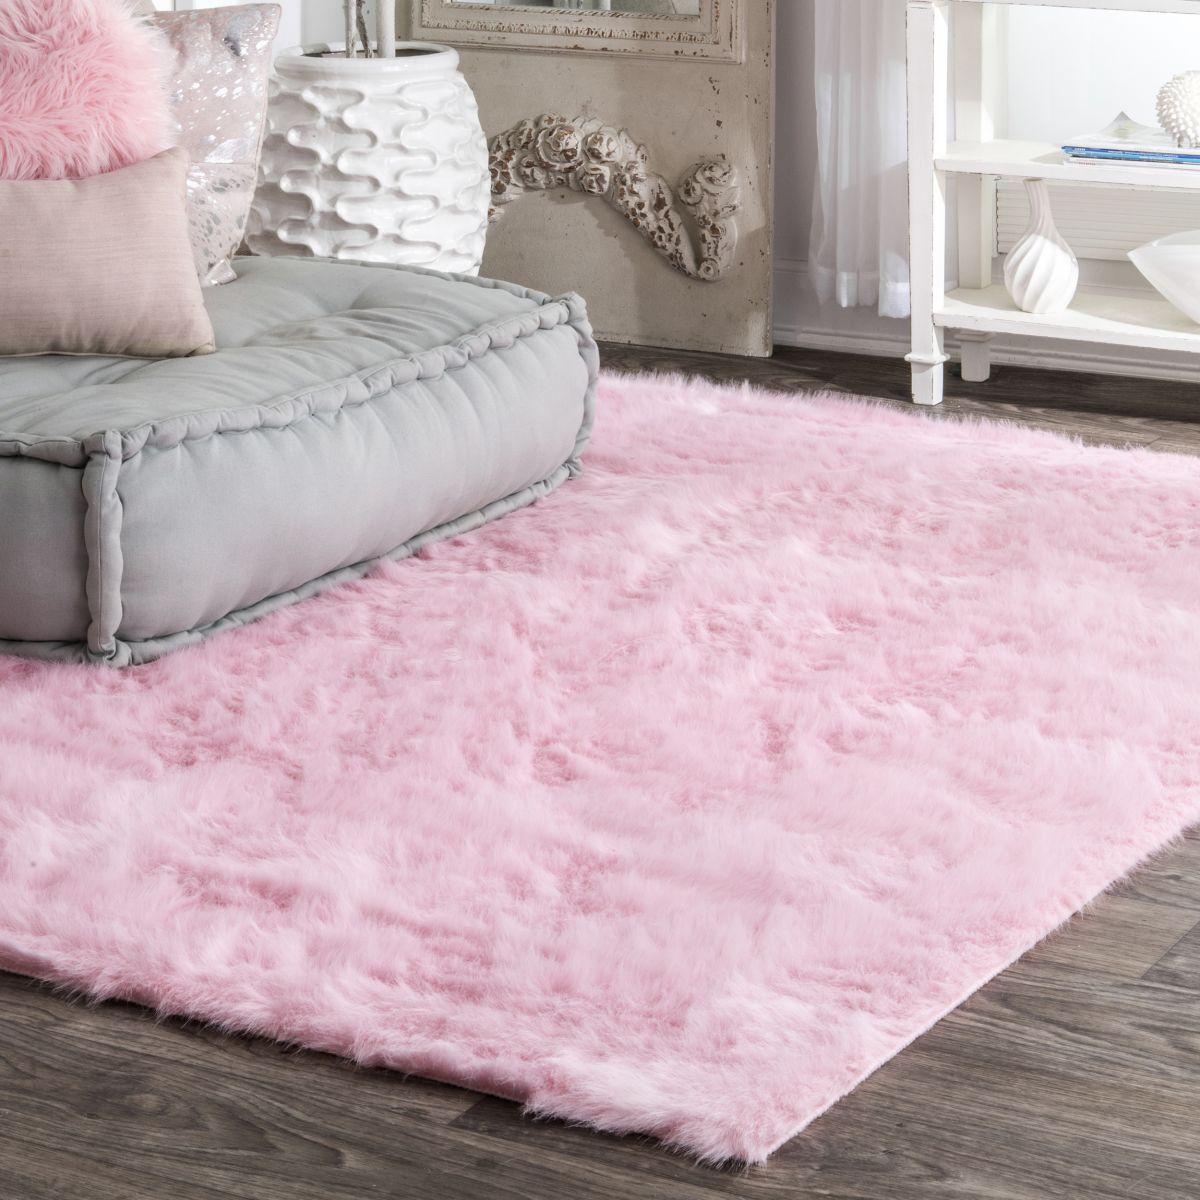 Serenity Shag Rug Pink Shag Rug Pink Rug Bedroom Carpet